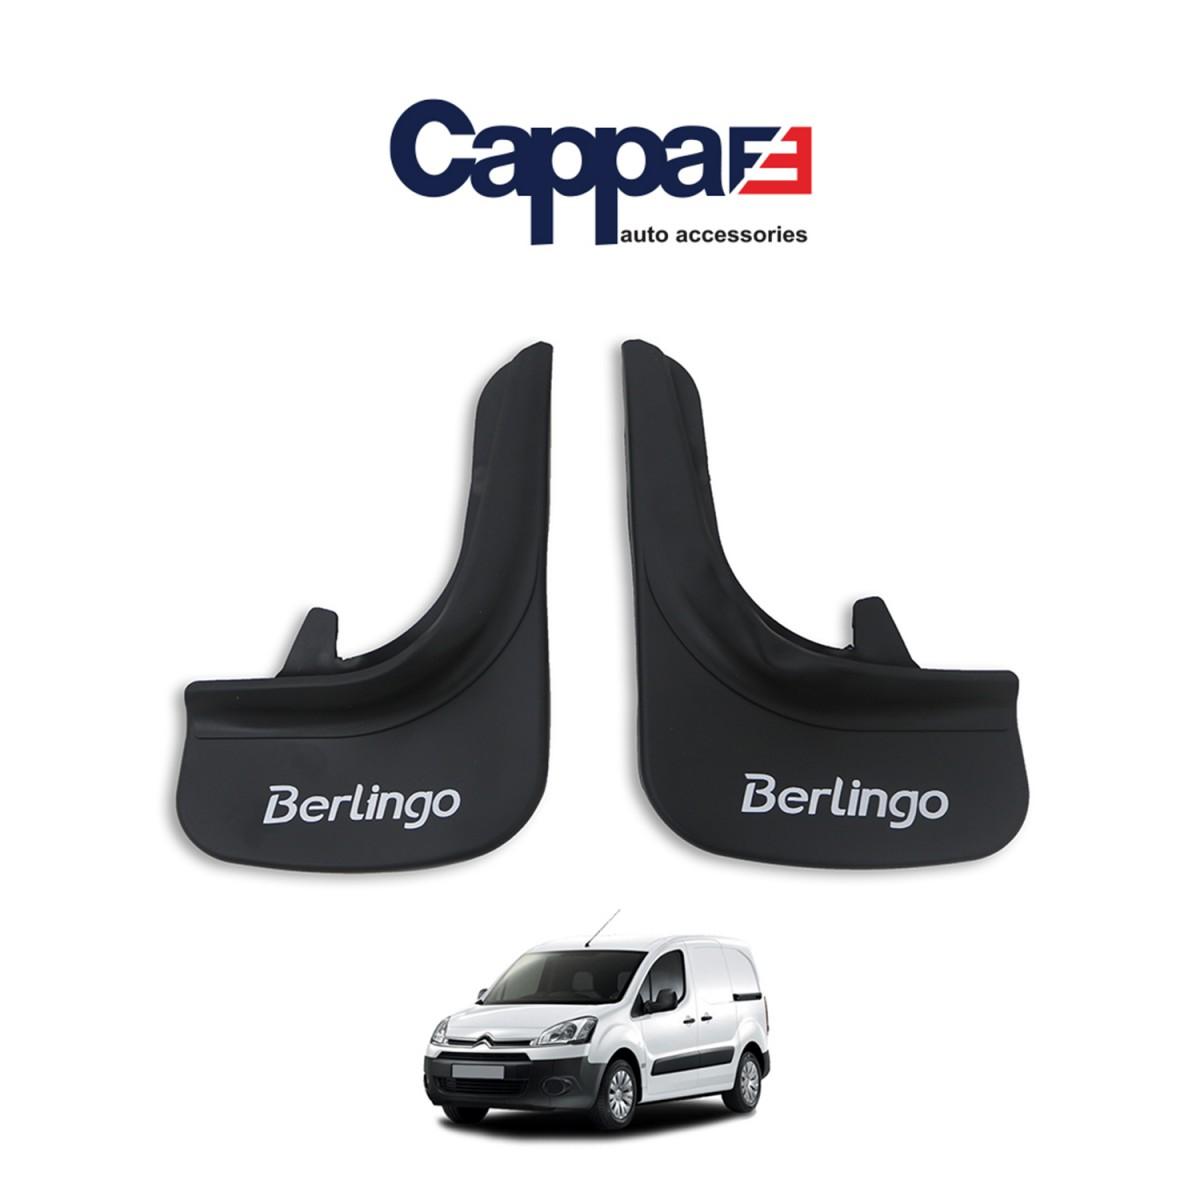 CAPPAFE Citroen Berlingo Paçalık Tozluk Set 2 Prç Bütün Md.Uyumlu